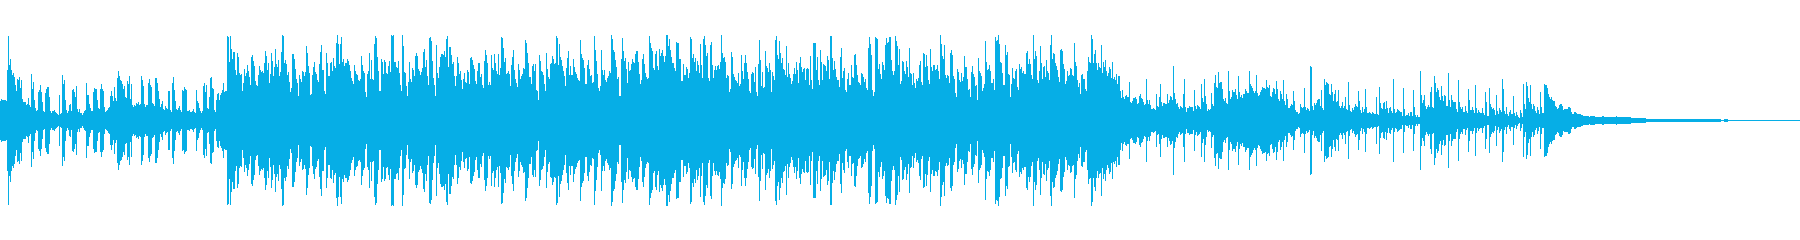 ダークな雰囲気漂うシックなバラードの再生済みの波形